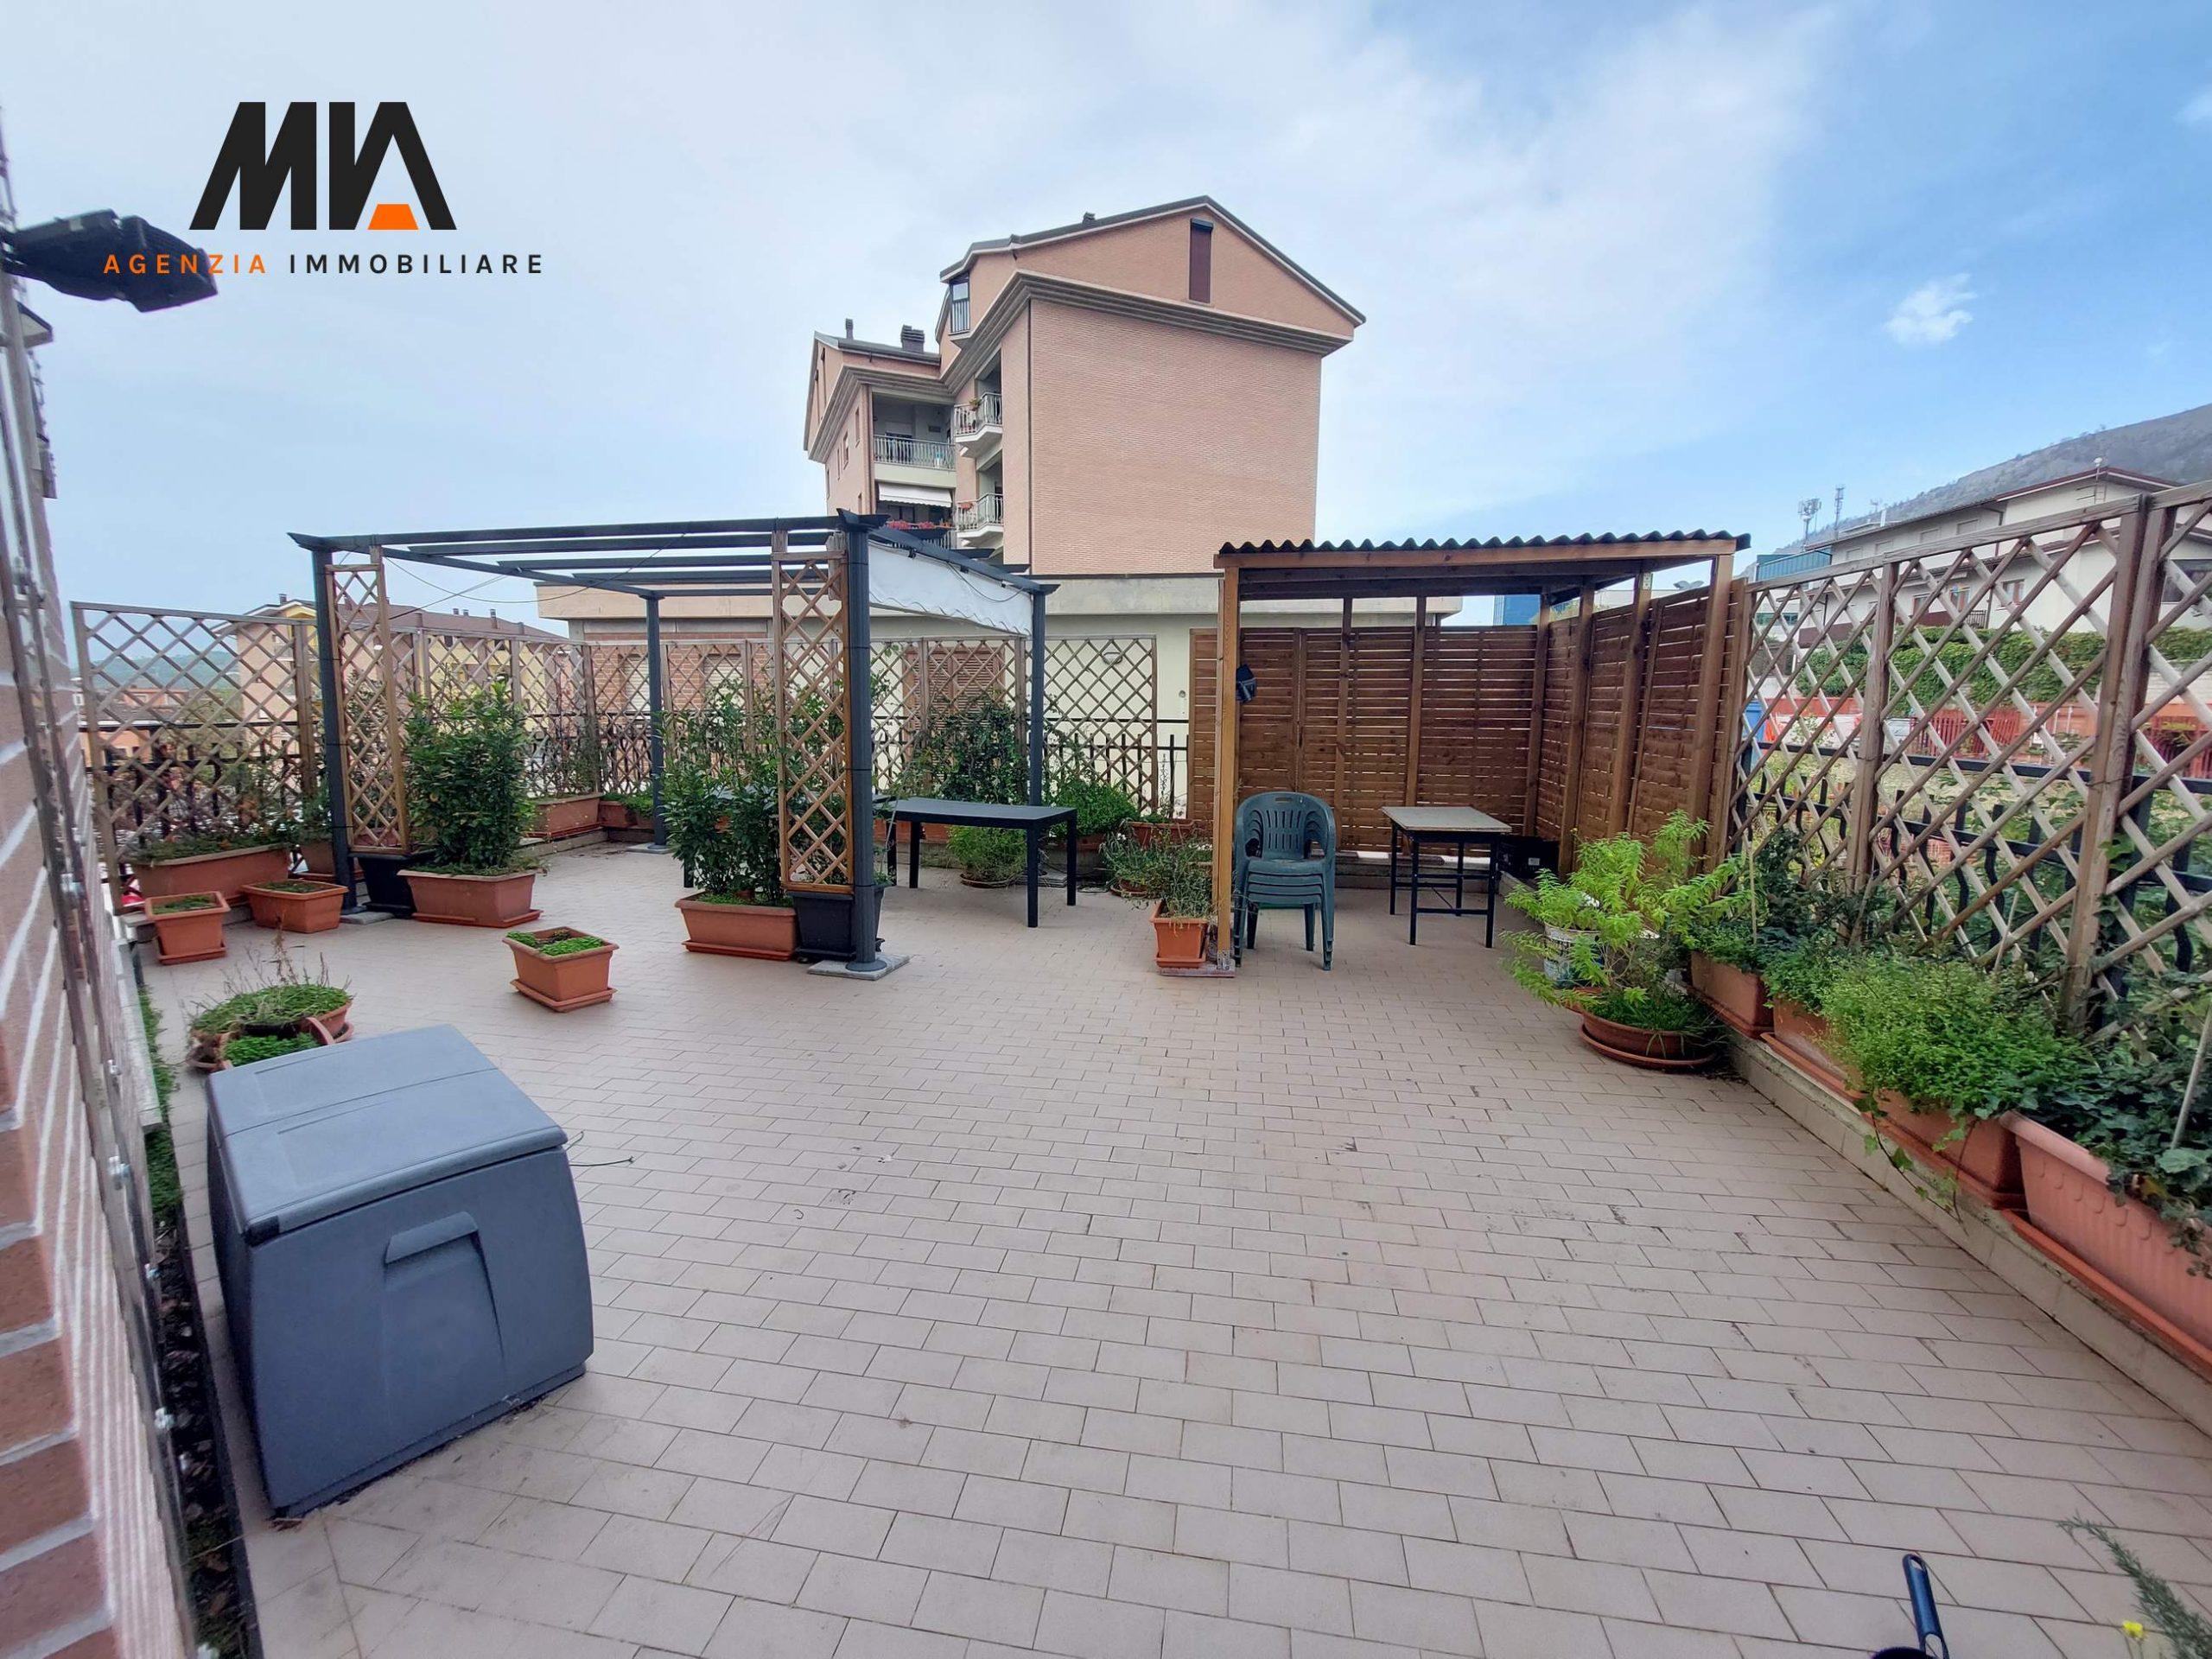 AFFITTO: Appartamento comodo con terrazzo 120 mq Pettino